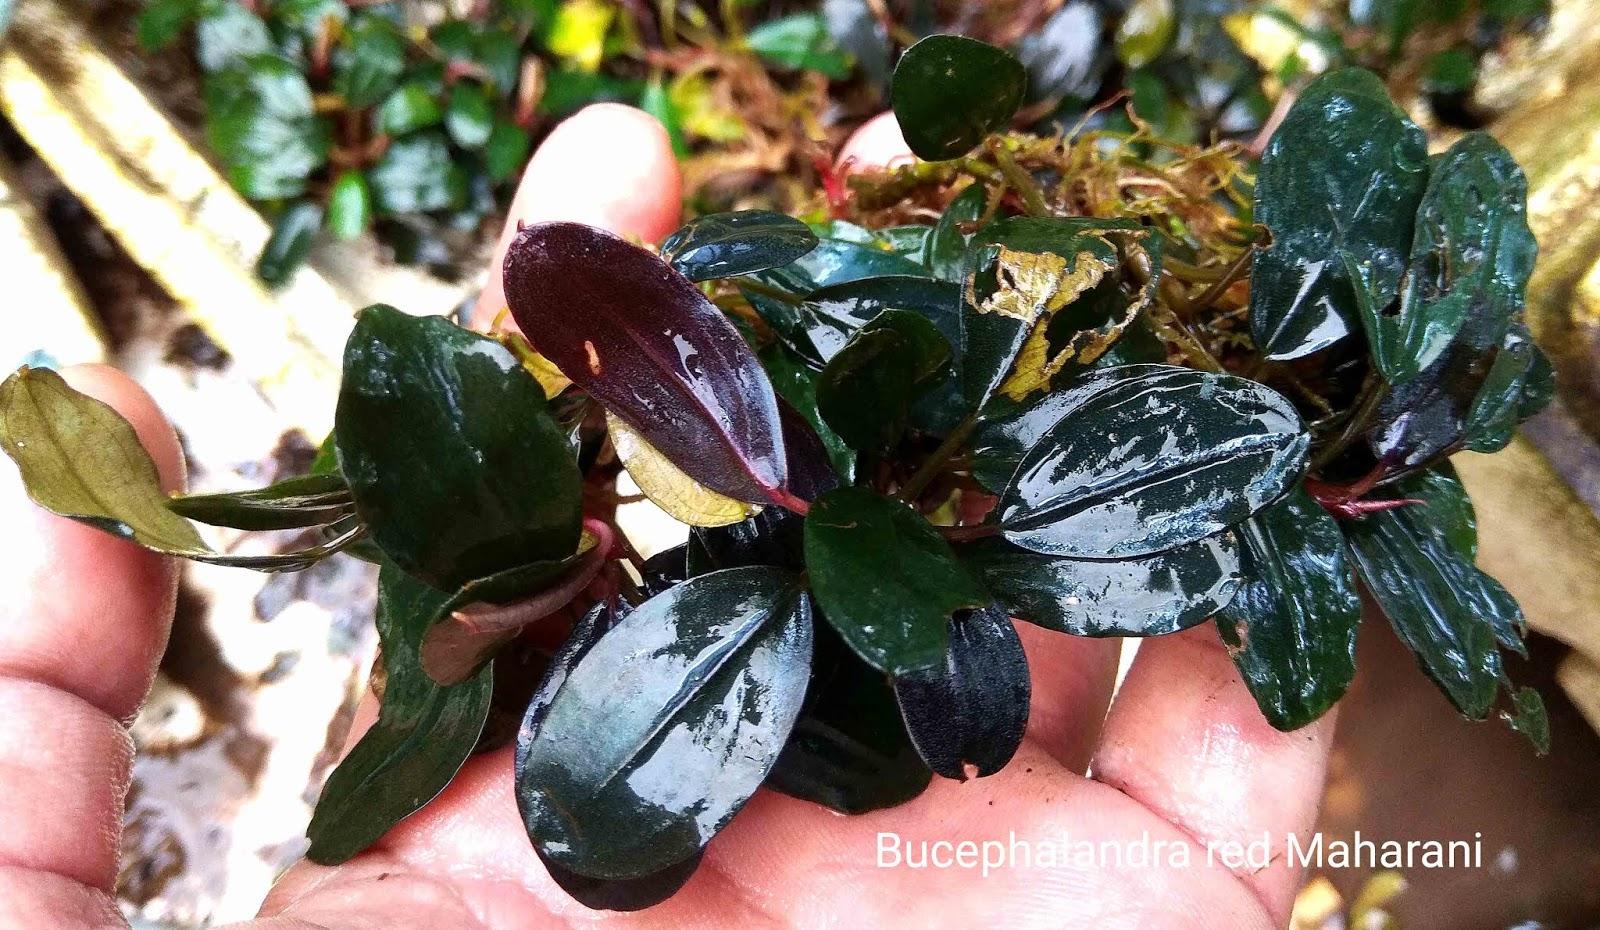 Bucephalandra red maharani